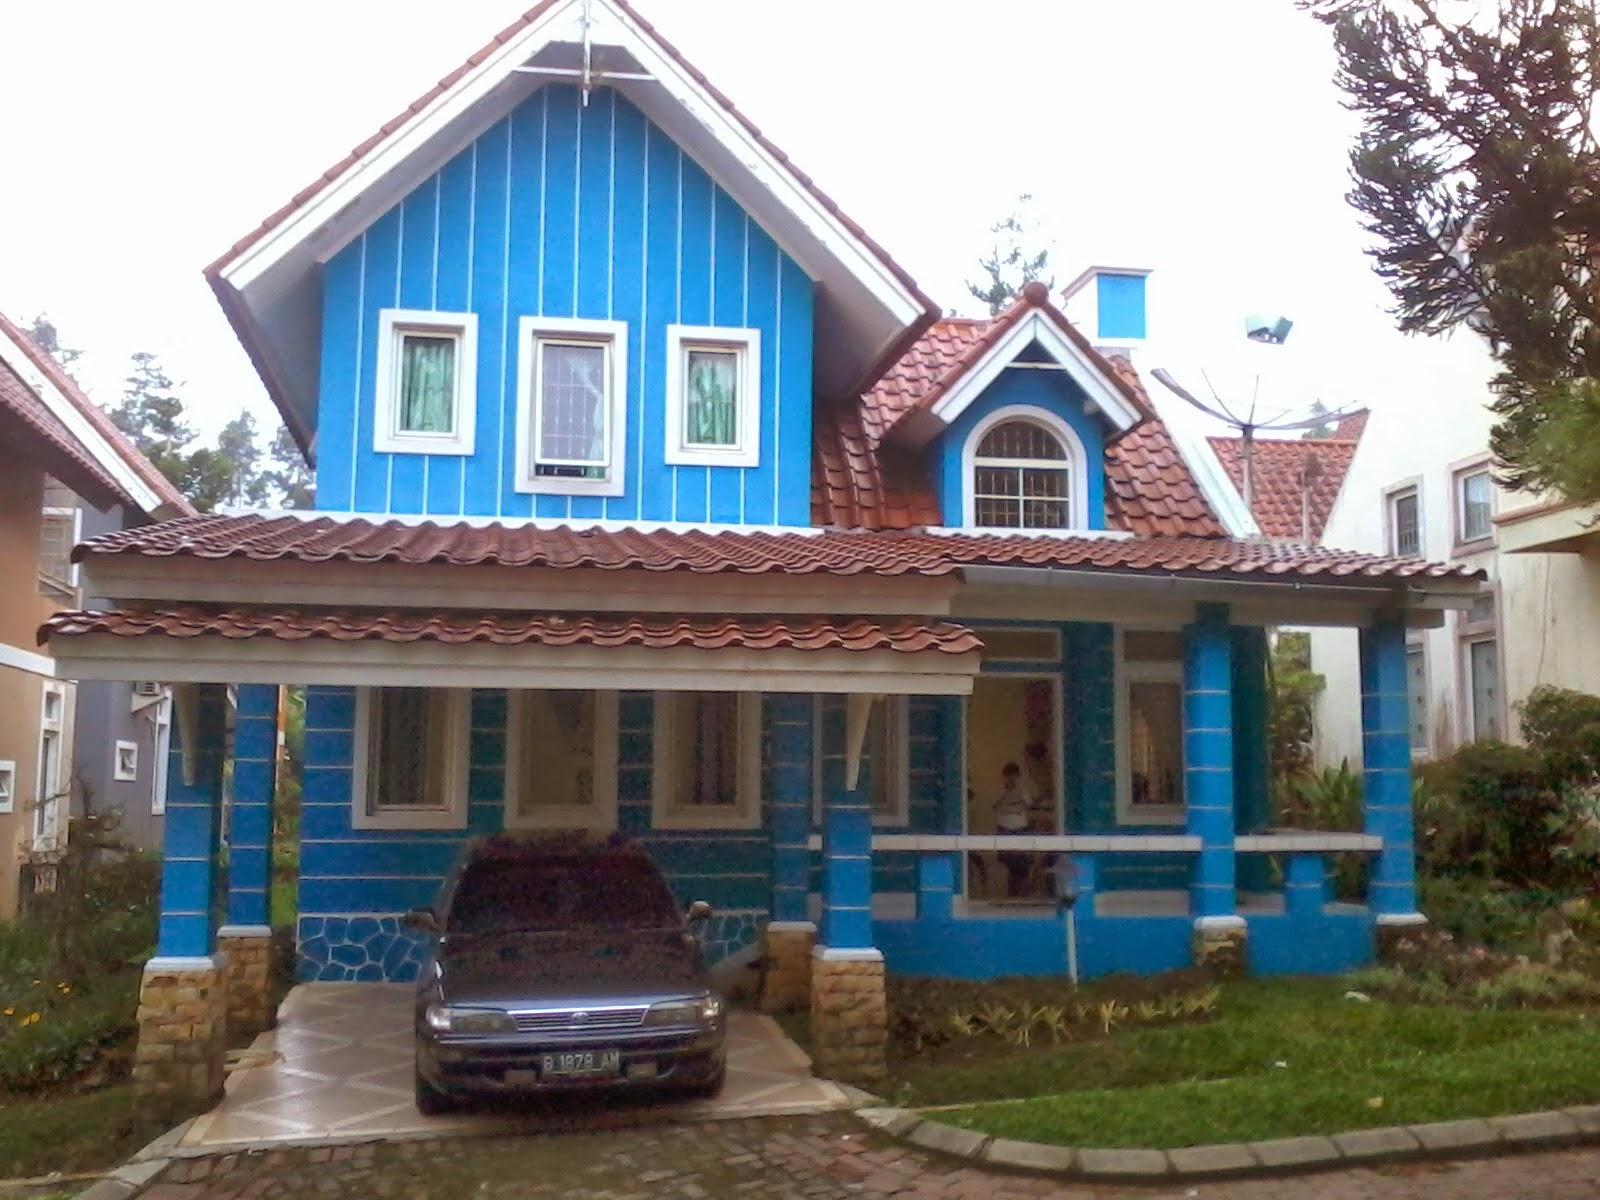 Sewa Villa Di Puncak  Sewa Villa Kota Bunga Puncak